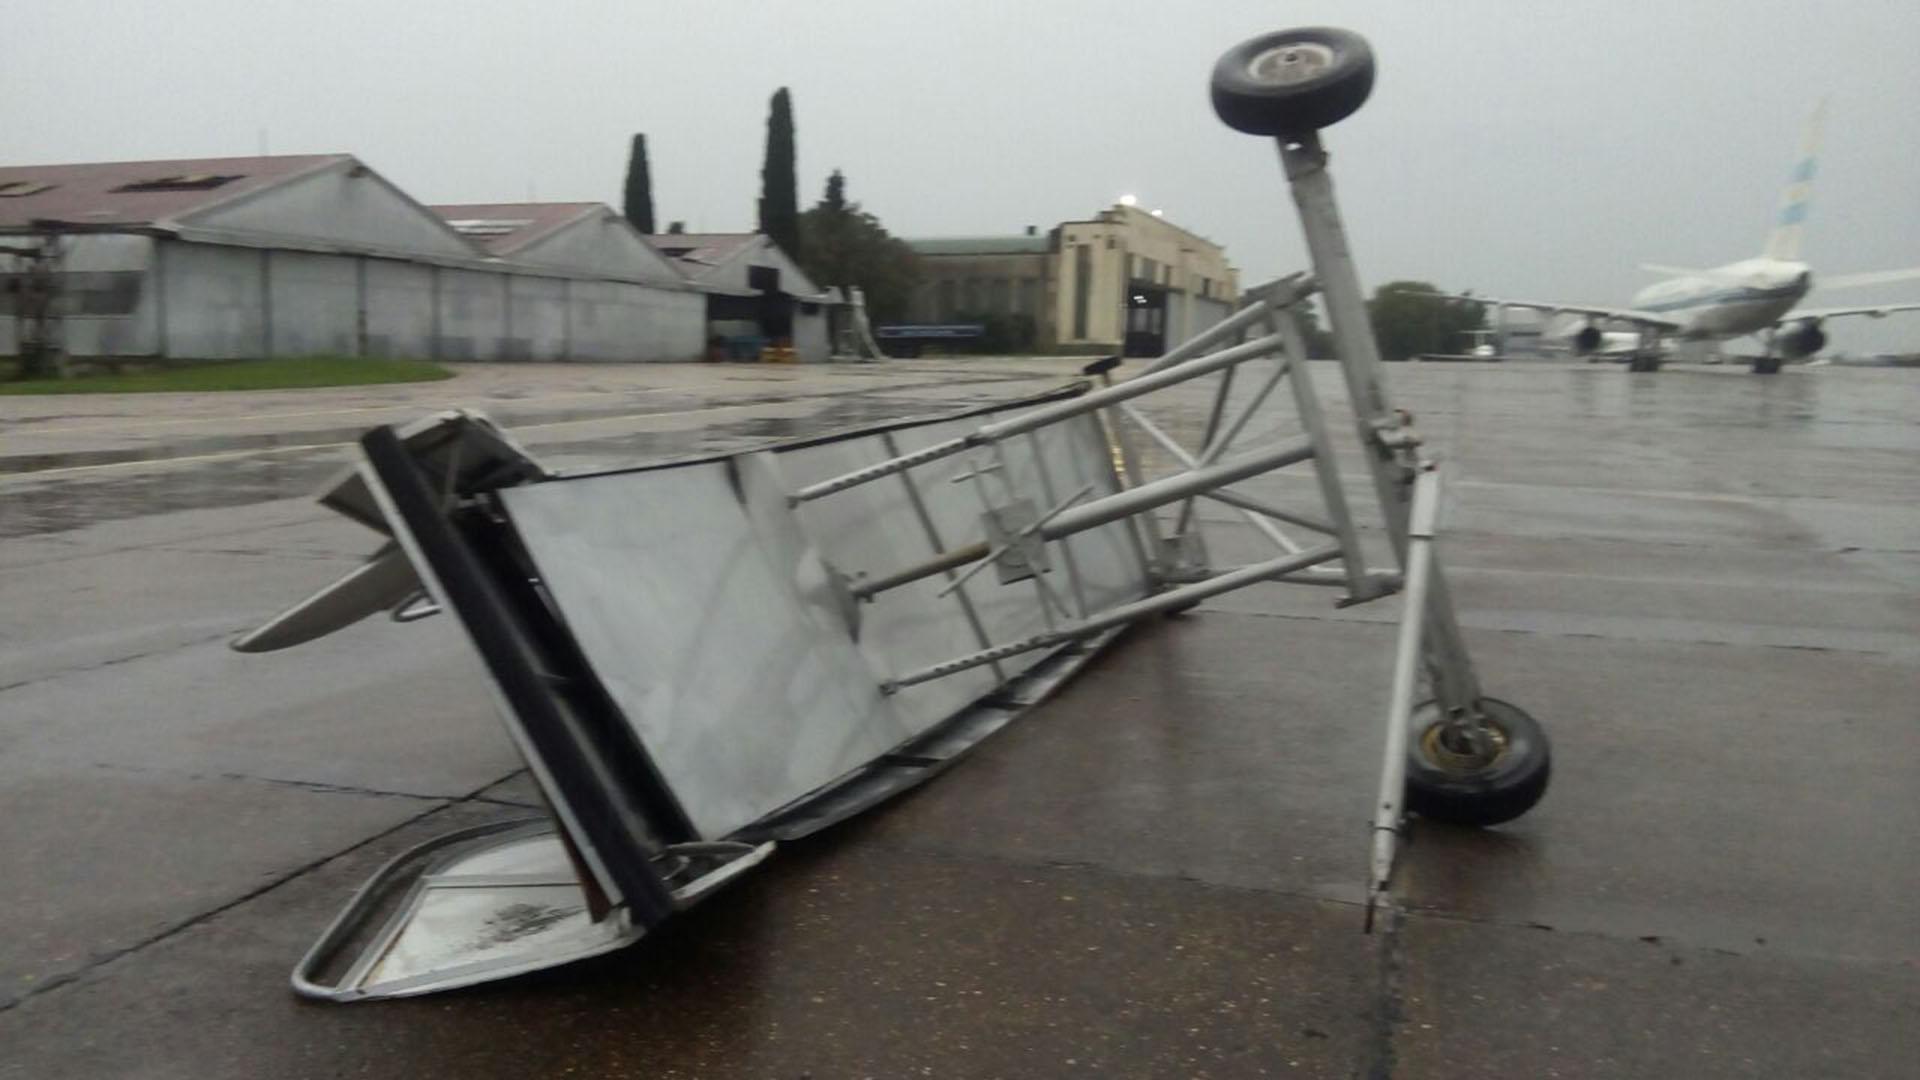 En Palomar hubo ráfagas y fuertes vientos que causaron voladuras y daños en los alrededores del aeropuerto